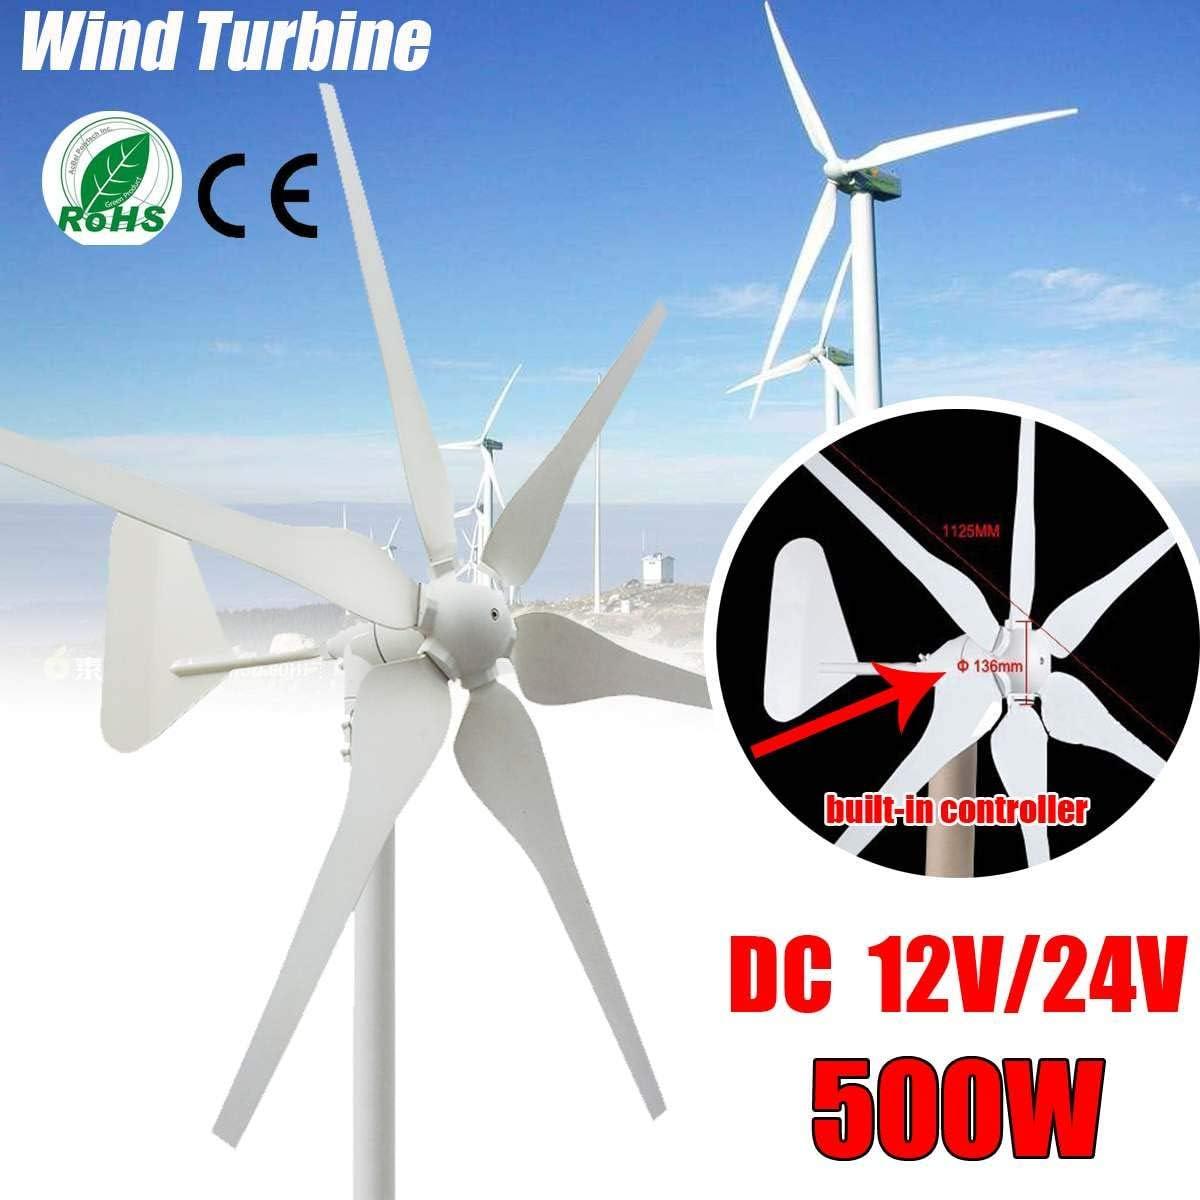 SISHUINIANHUA DC turbinas de Viento generador 6 Cuchillas 12V / 24V 500W Las turbinas de Viento en Miniatura hogar residencial Controlador con para Uso doméstico,24v